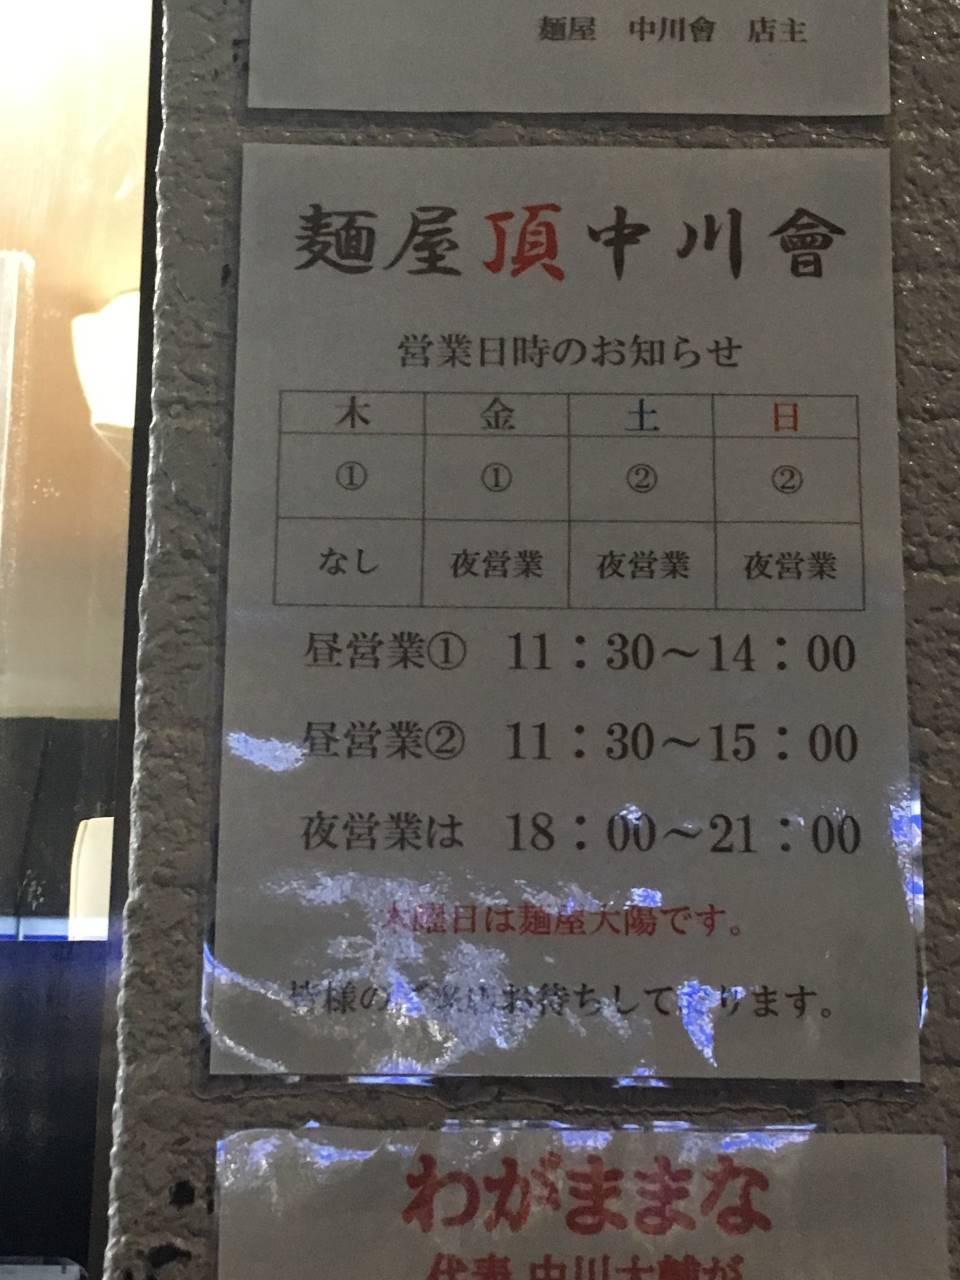 麺屋頂中川會の営業時間